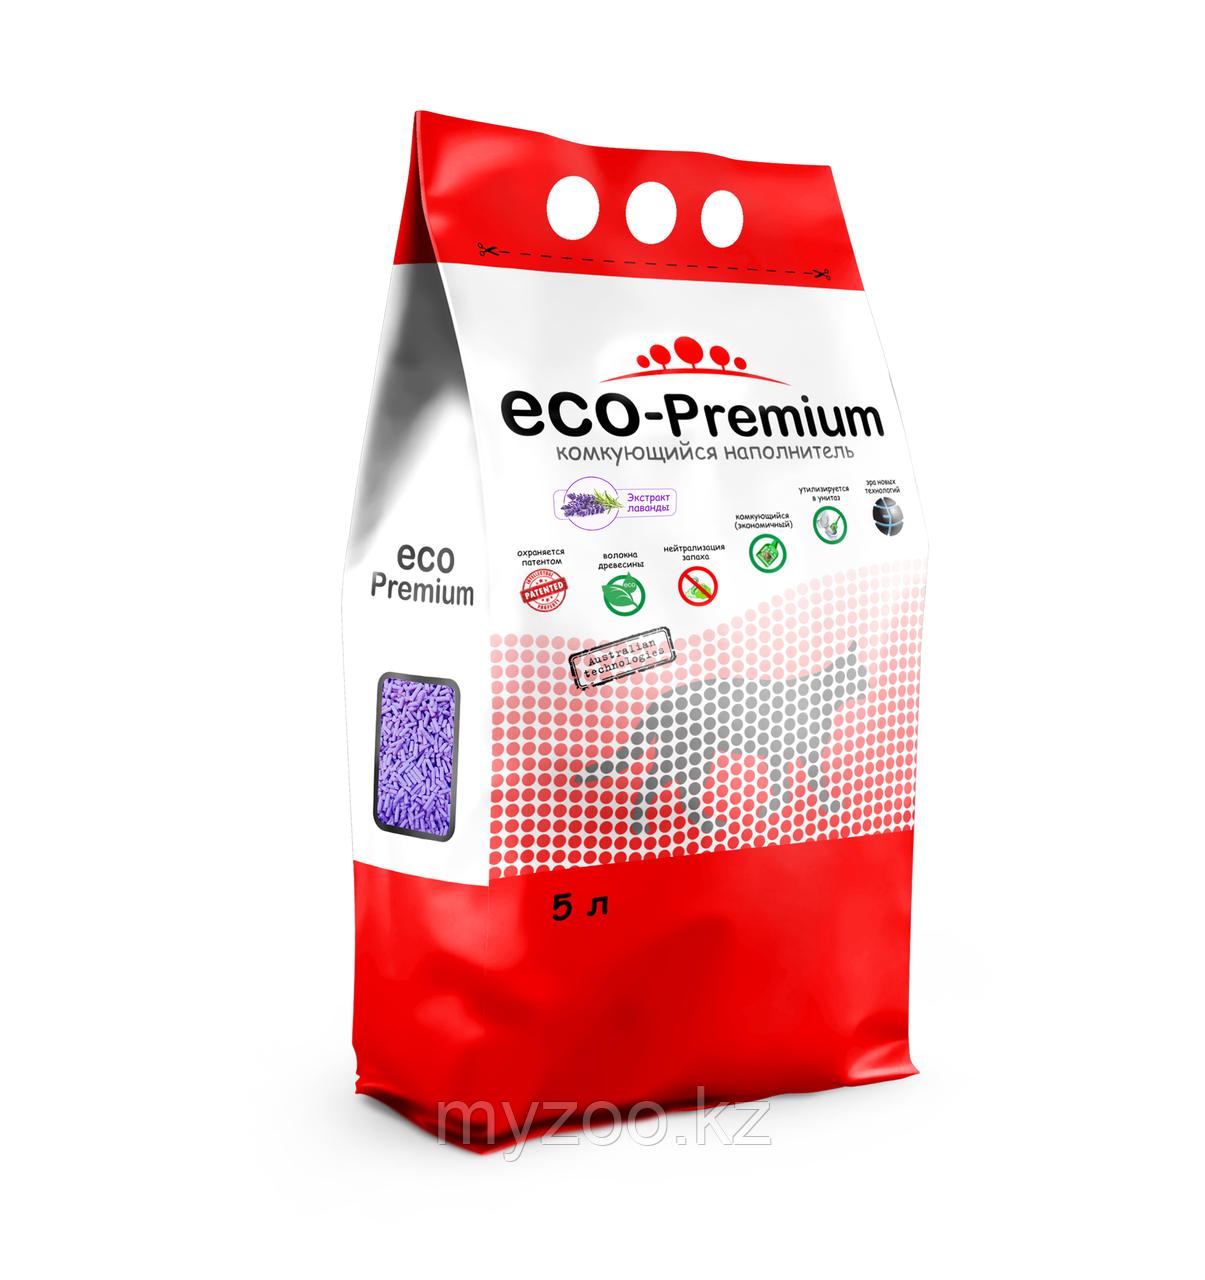 ECO-Premium Лаванда, 5 л  Эко-премиум комкующийся древесный наполнитель 